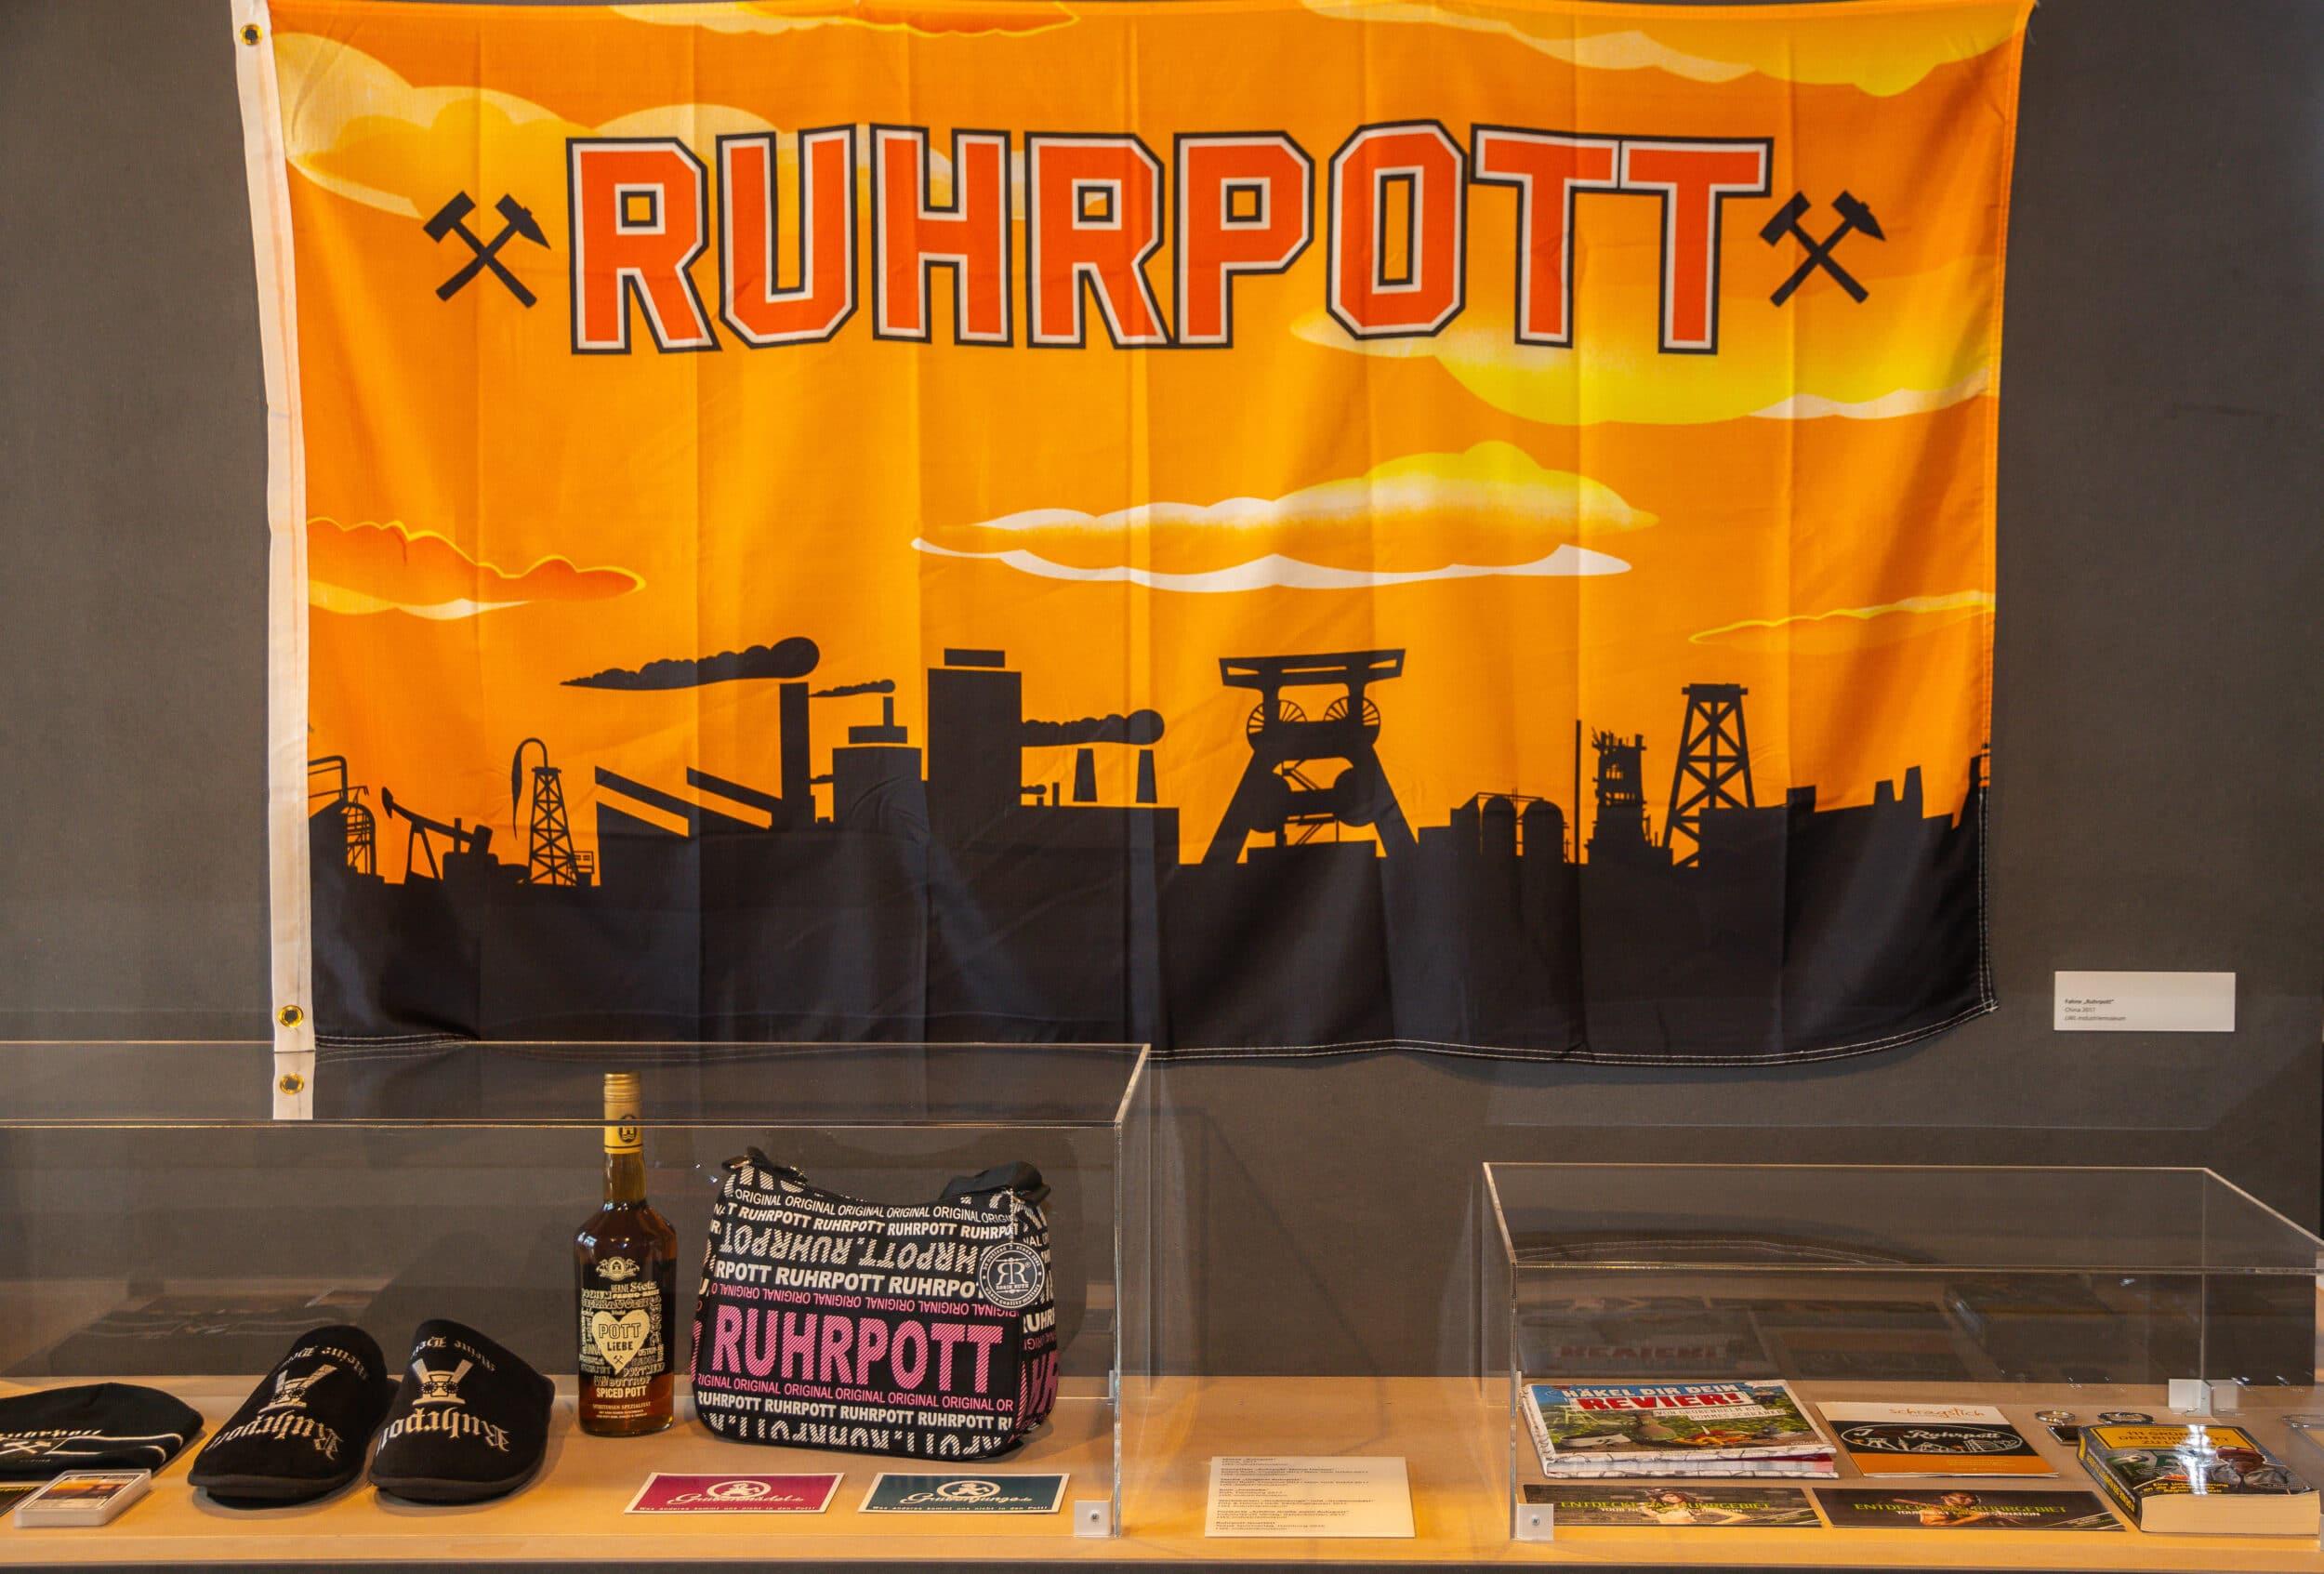 Die in der Ausstellung gezeigten Exponate gehören zur Erinnerungskultur im Ruhrgebiet. (Fotos: Wir in Dortmund)